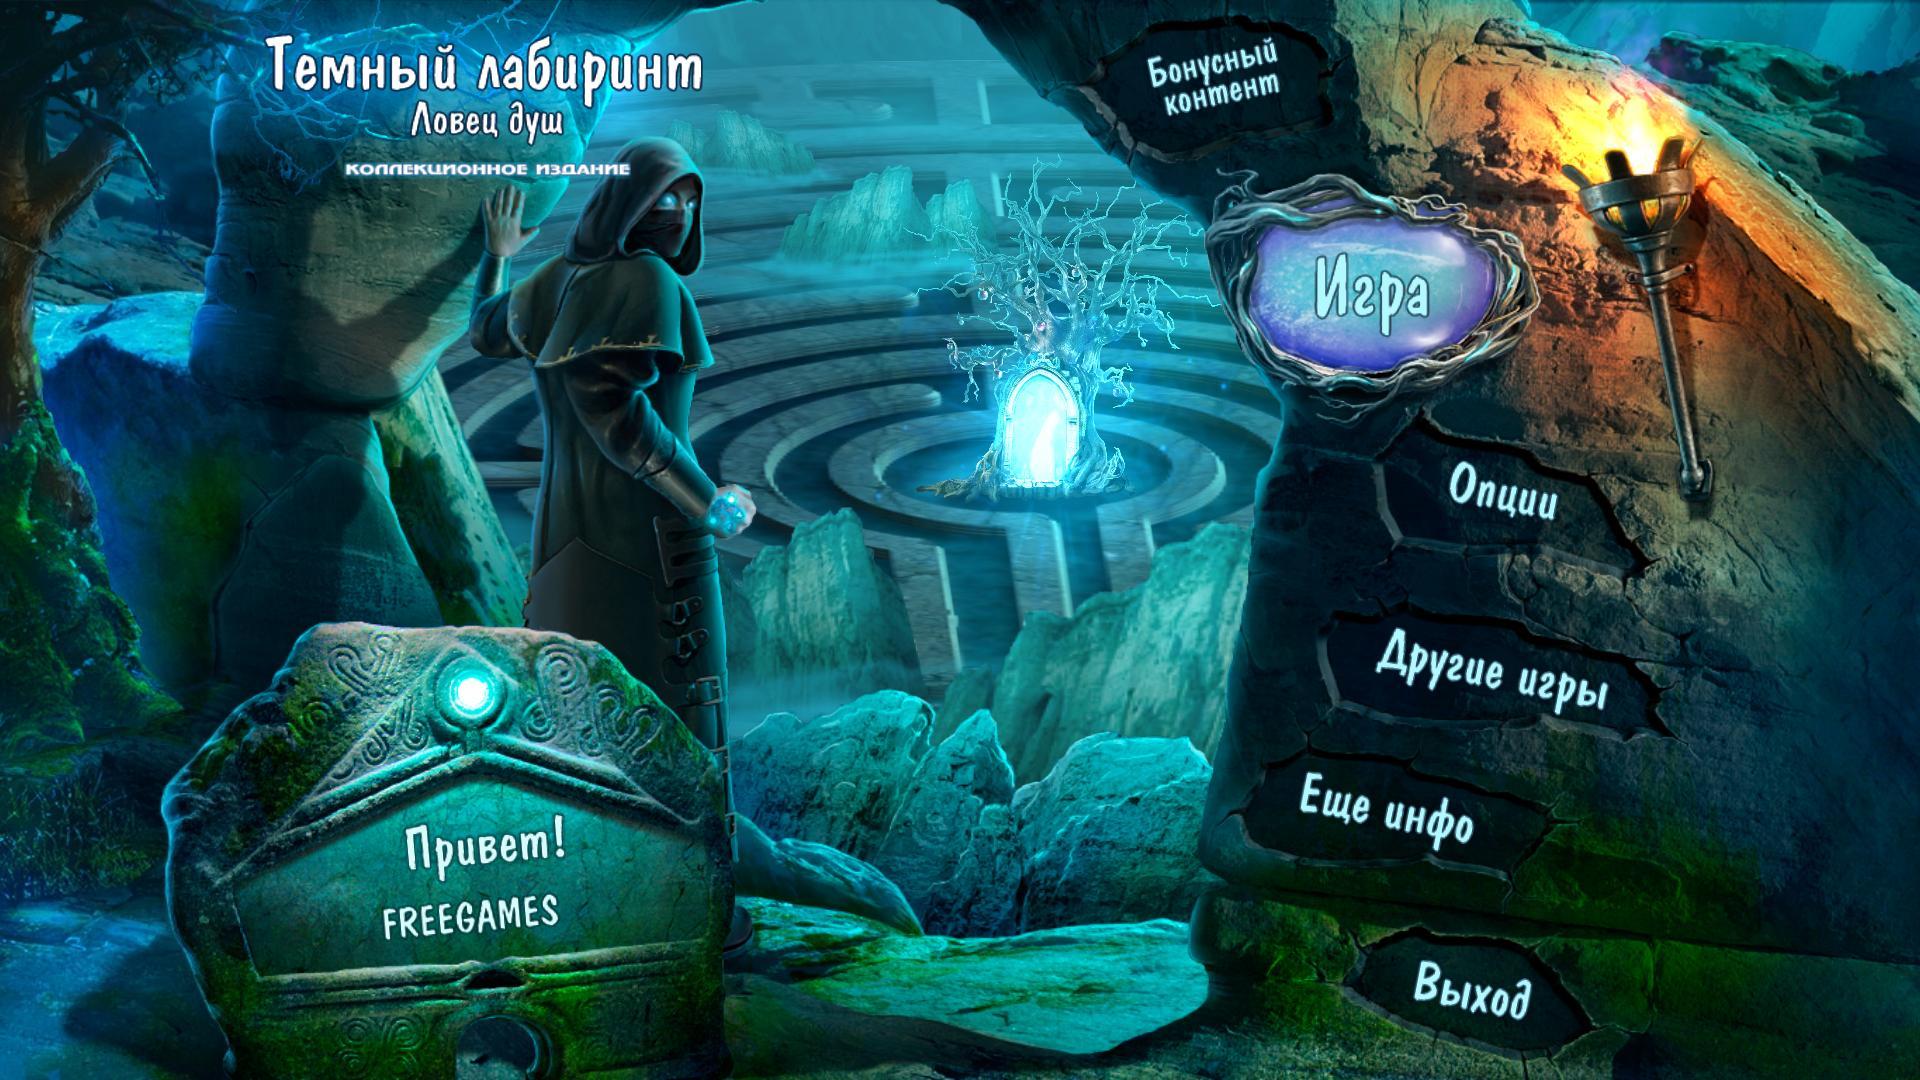 Темный лабиринт 5: Ловец душ. Коллекционное издание | Sable Maze 5: Soul Catcher CE (Rus)